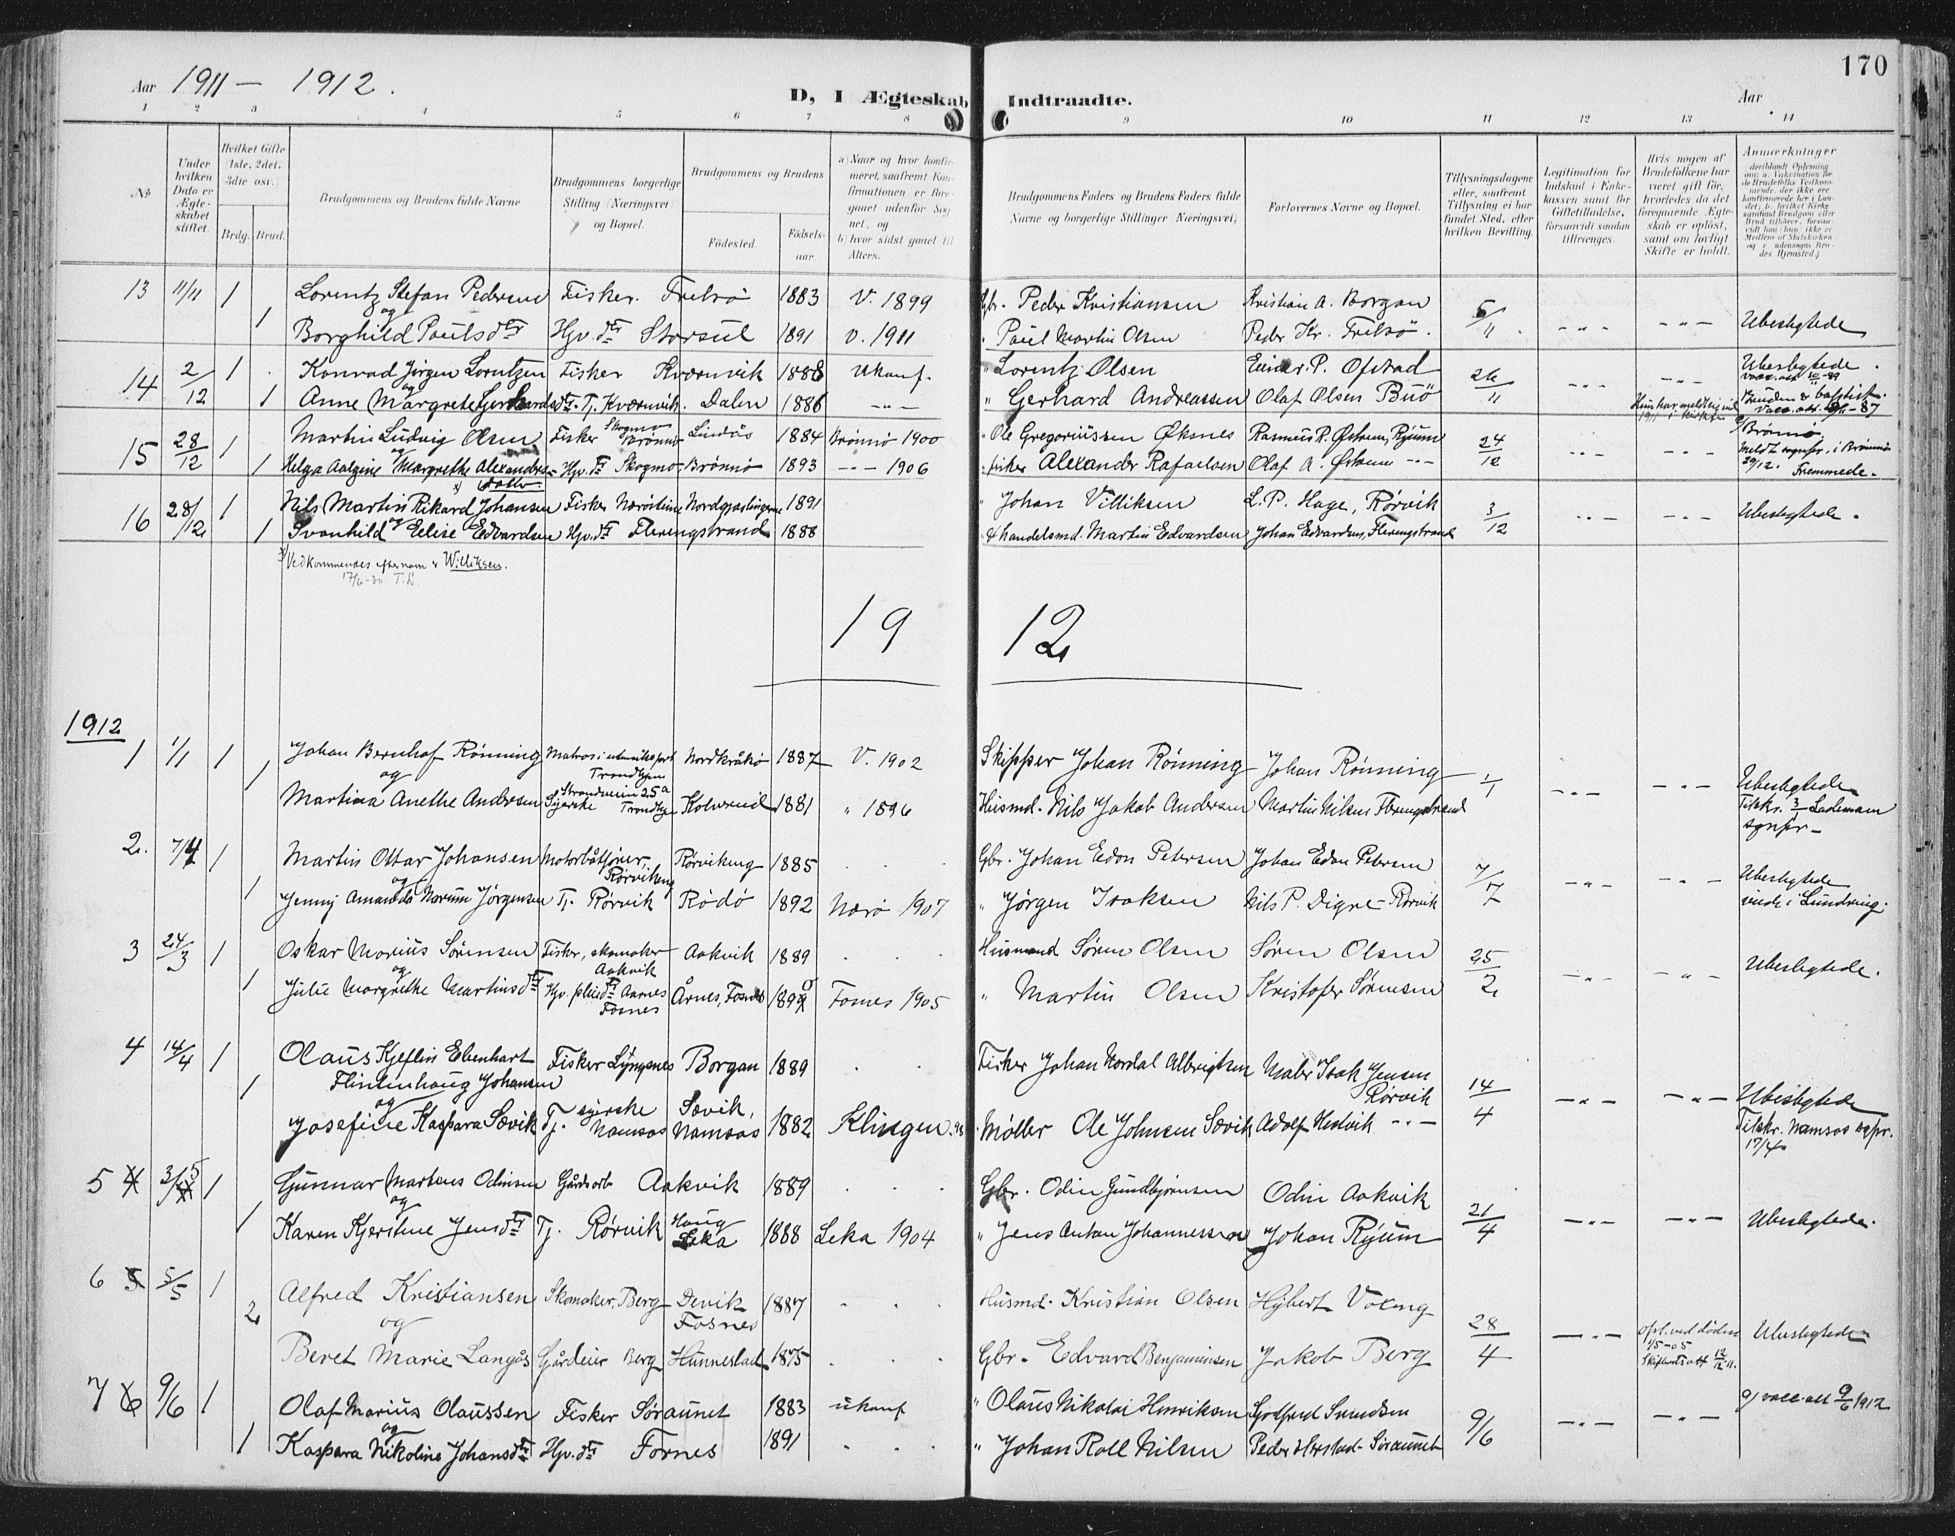 SAT, Ministerialprotokoller, klokkerbøker og fødselsregistre - Nord-Trøndelag, 786/L0688: Ministerialbok nr. 786A04, 1899-1912, s. 170